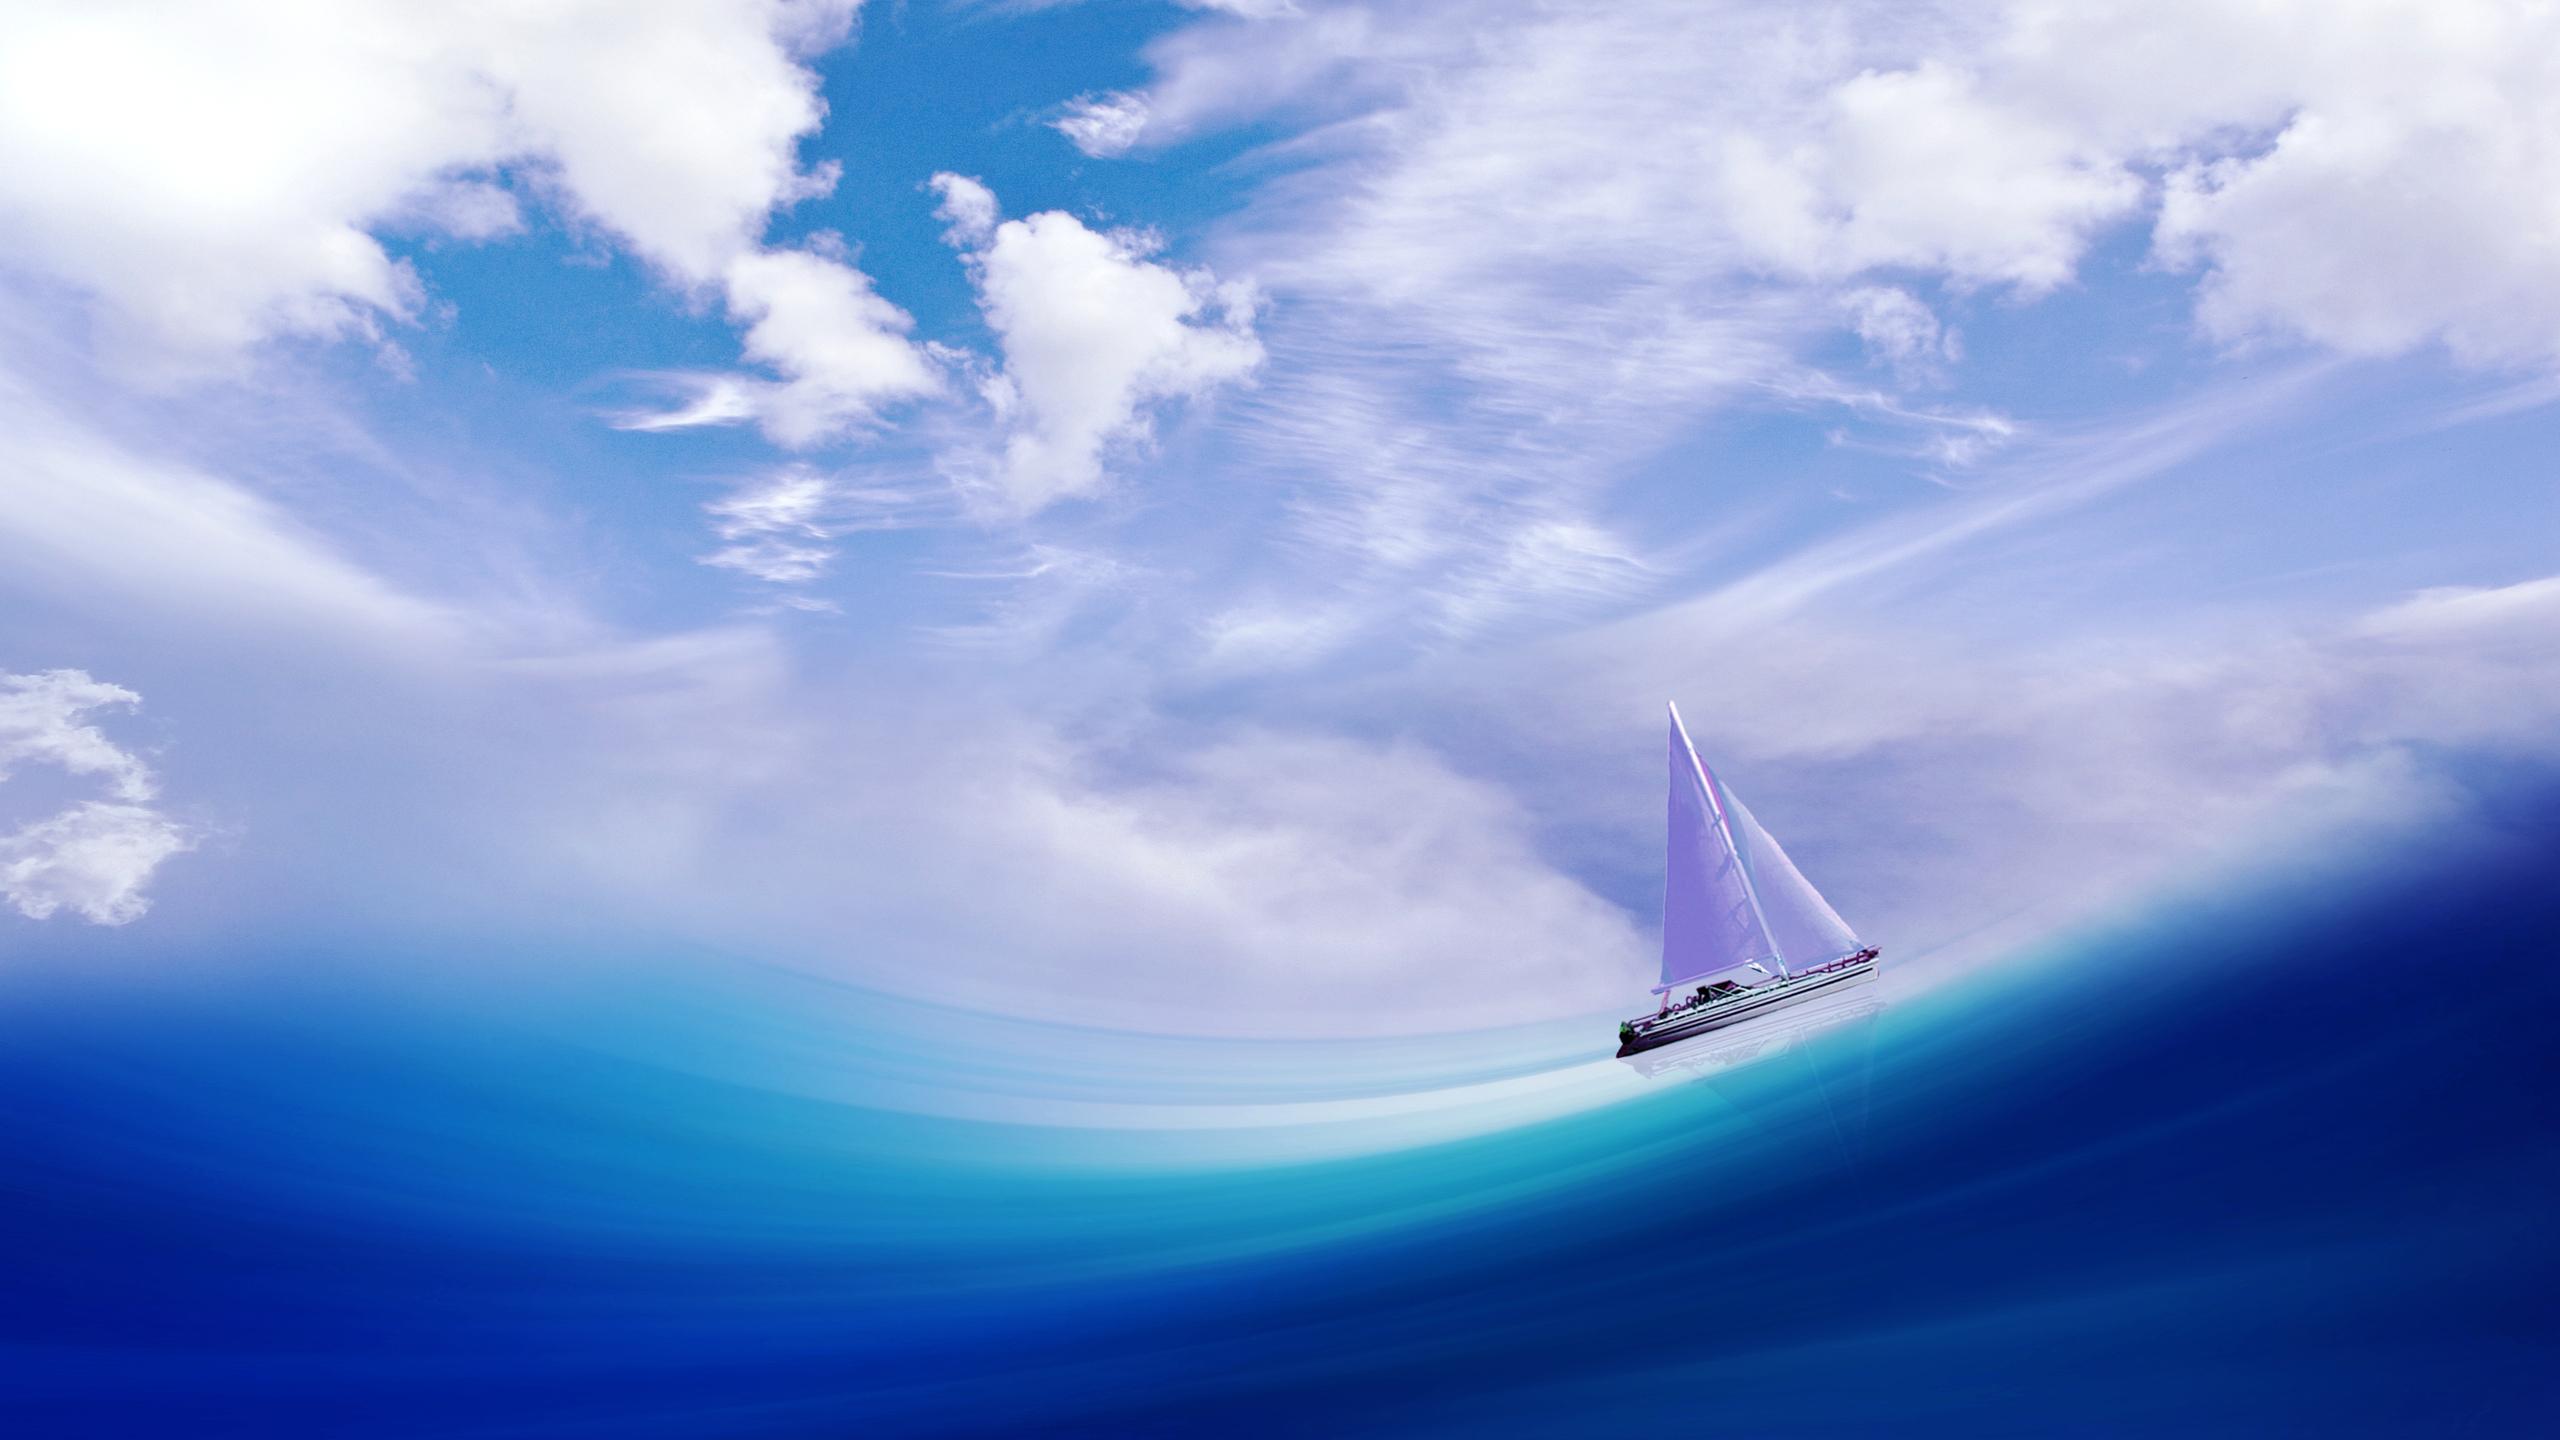 sailing-ship-in-sea-4k-8g.jpg